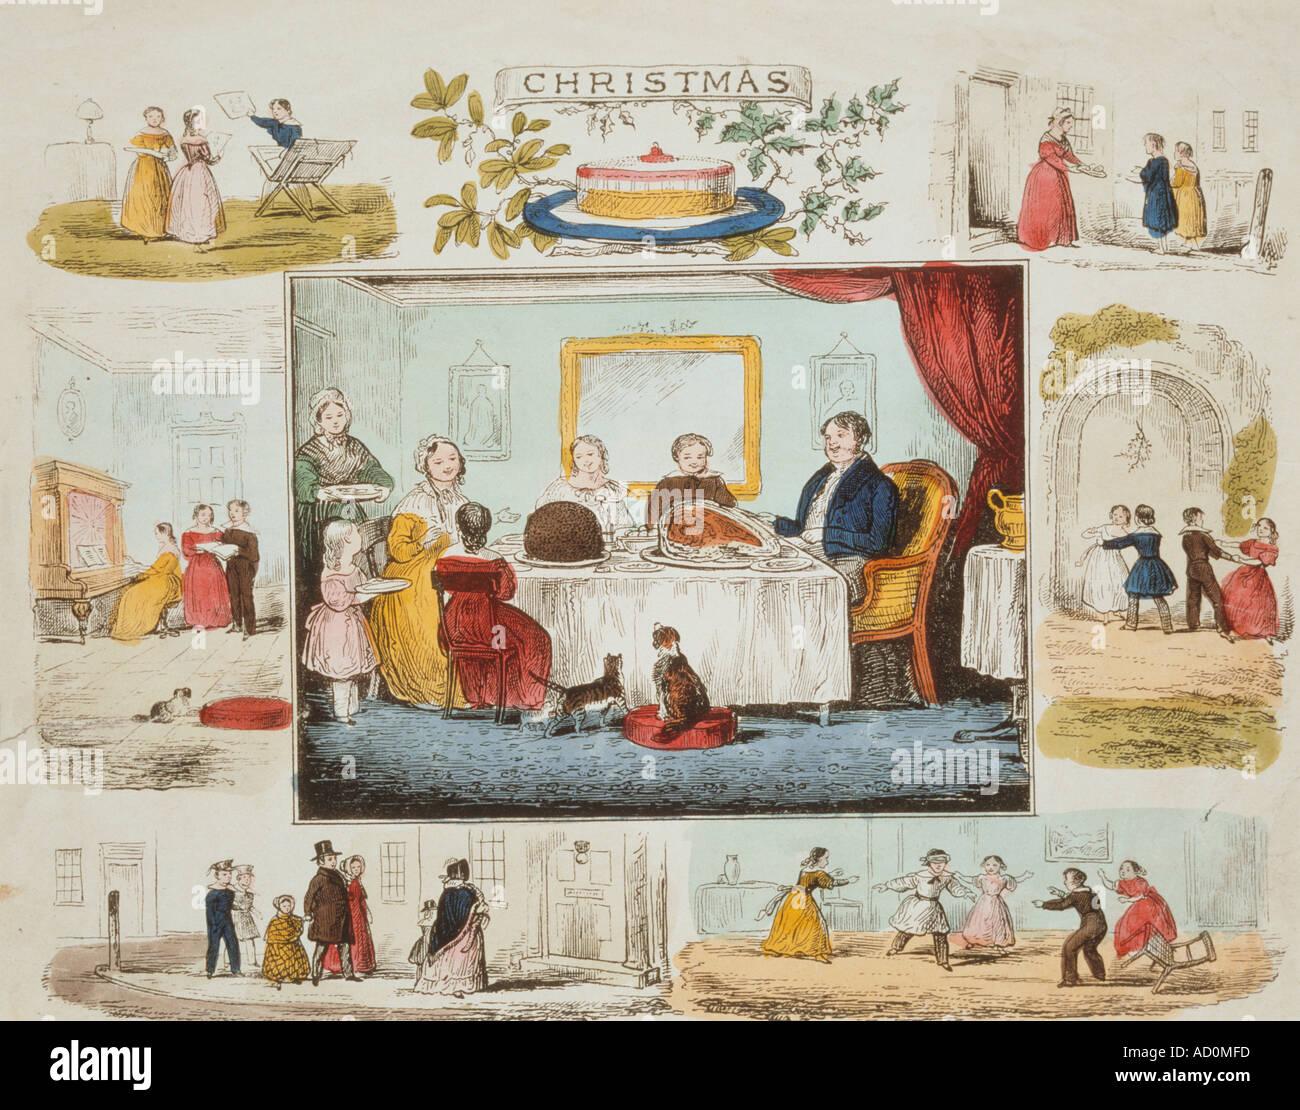 Journal de qualité. Angleterre, 19e siècle. Photo Stock